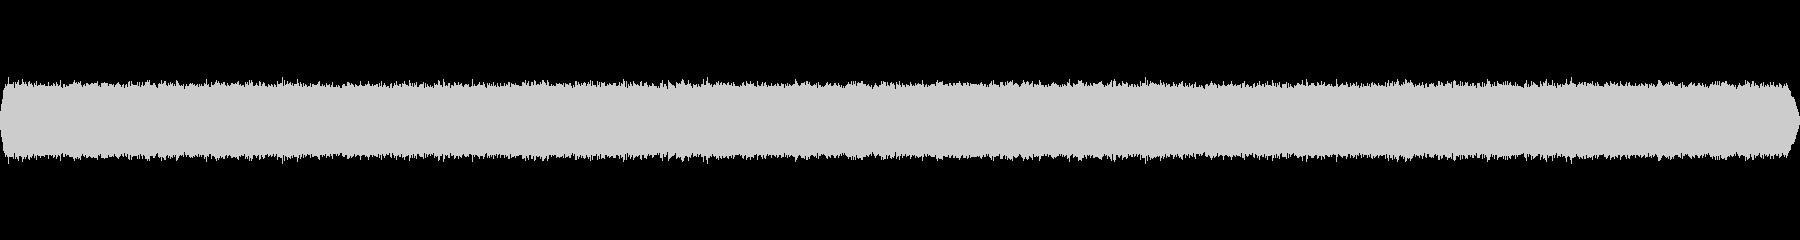 大きな滝:大音量のSpray音とスプレーの未再生の波形